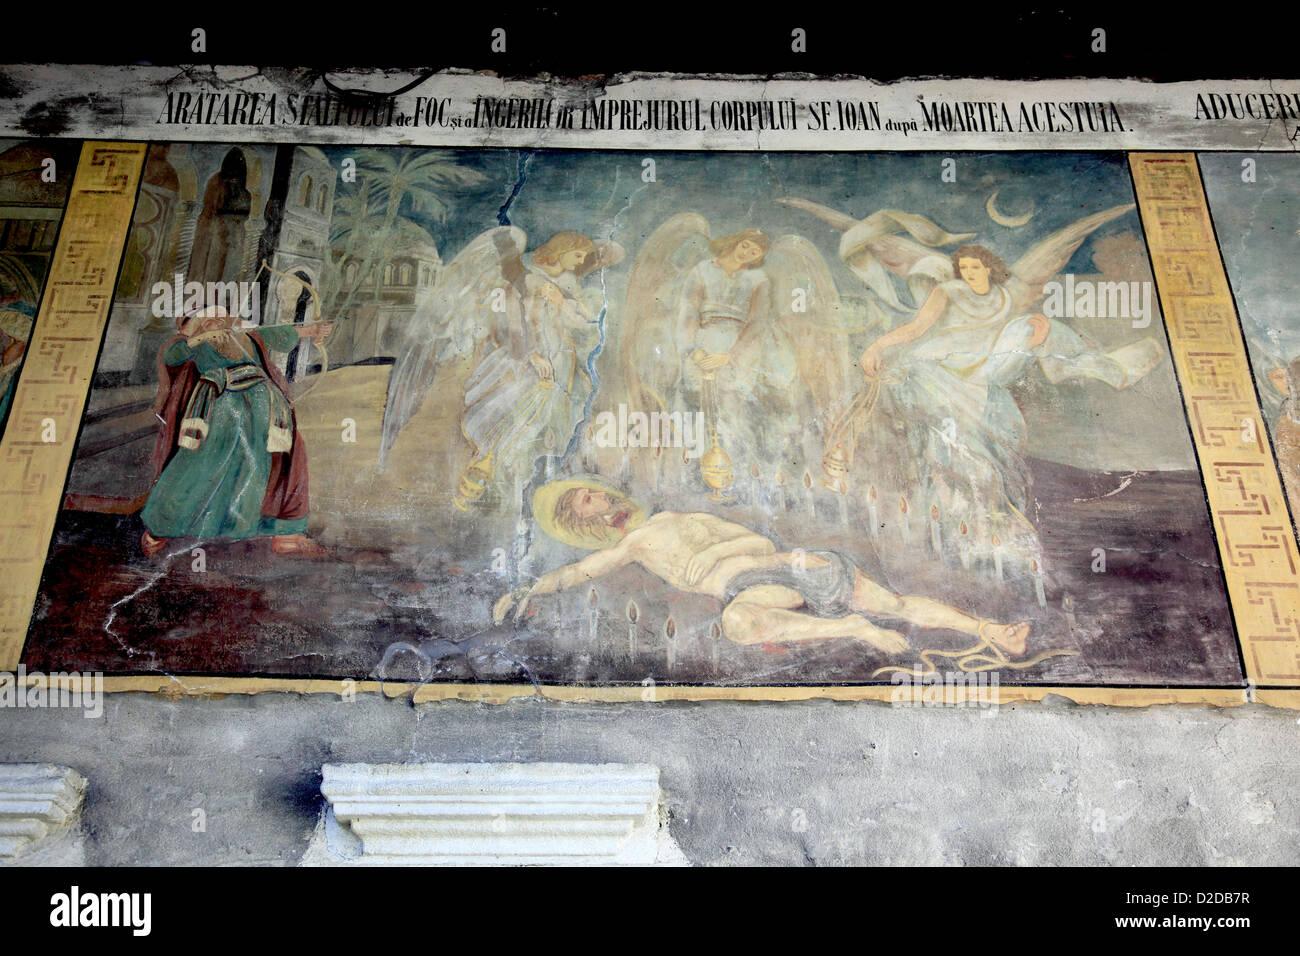 Wandbild Paintung, Flodor Iancu, Suceava, Rumänien, Kloster St. Gheorghe, schwarze SF Gheorghe Mirauiti, in Stockbild